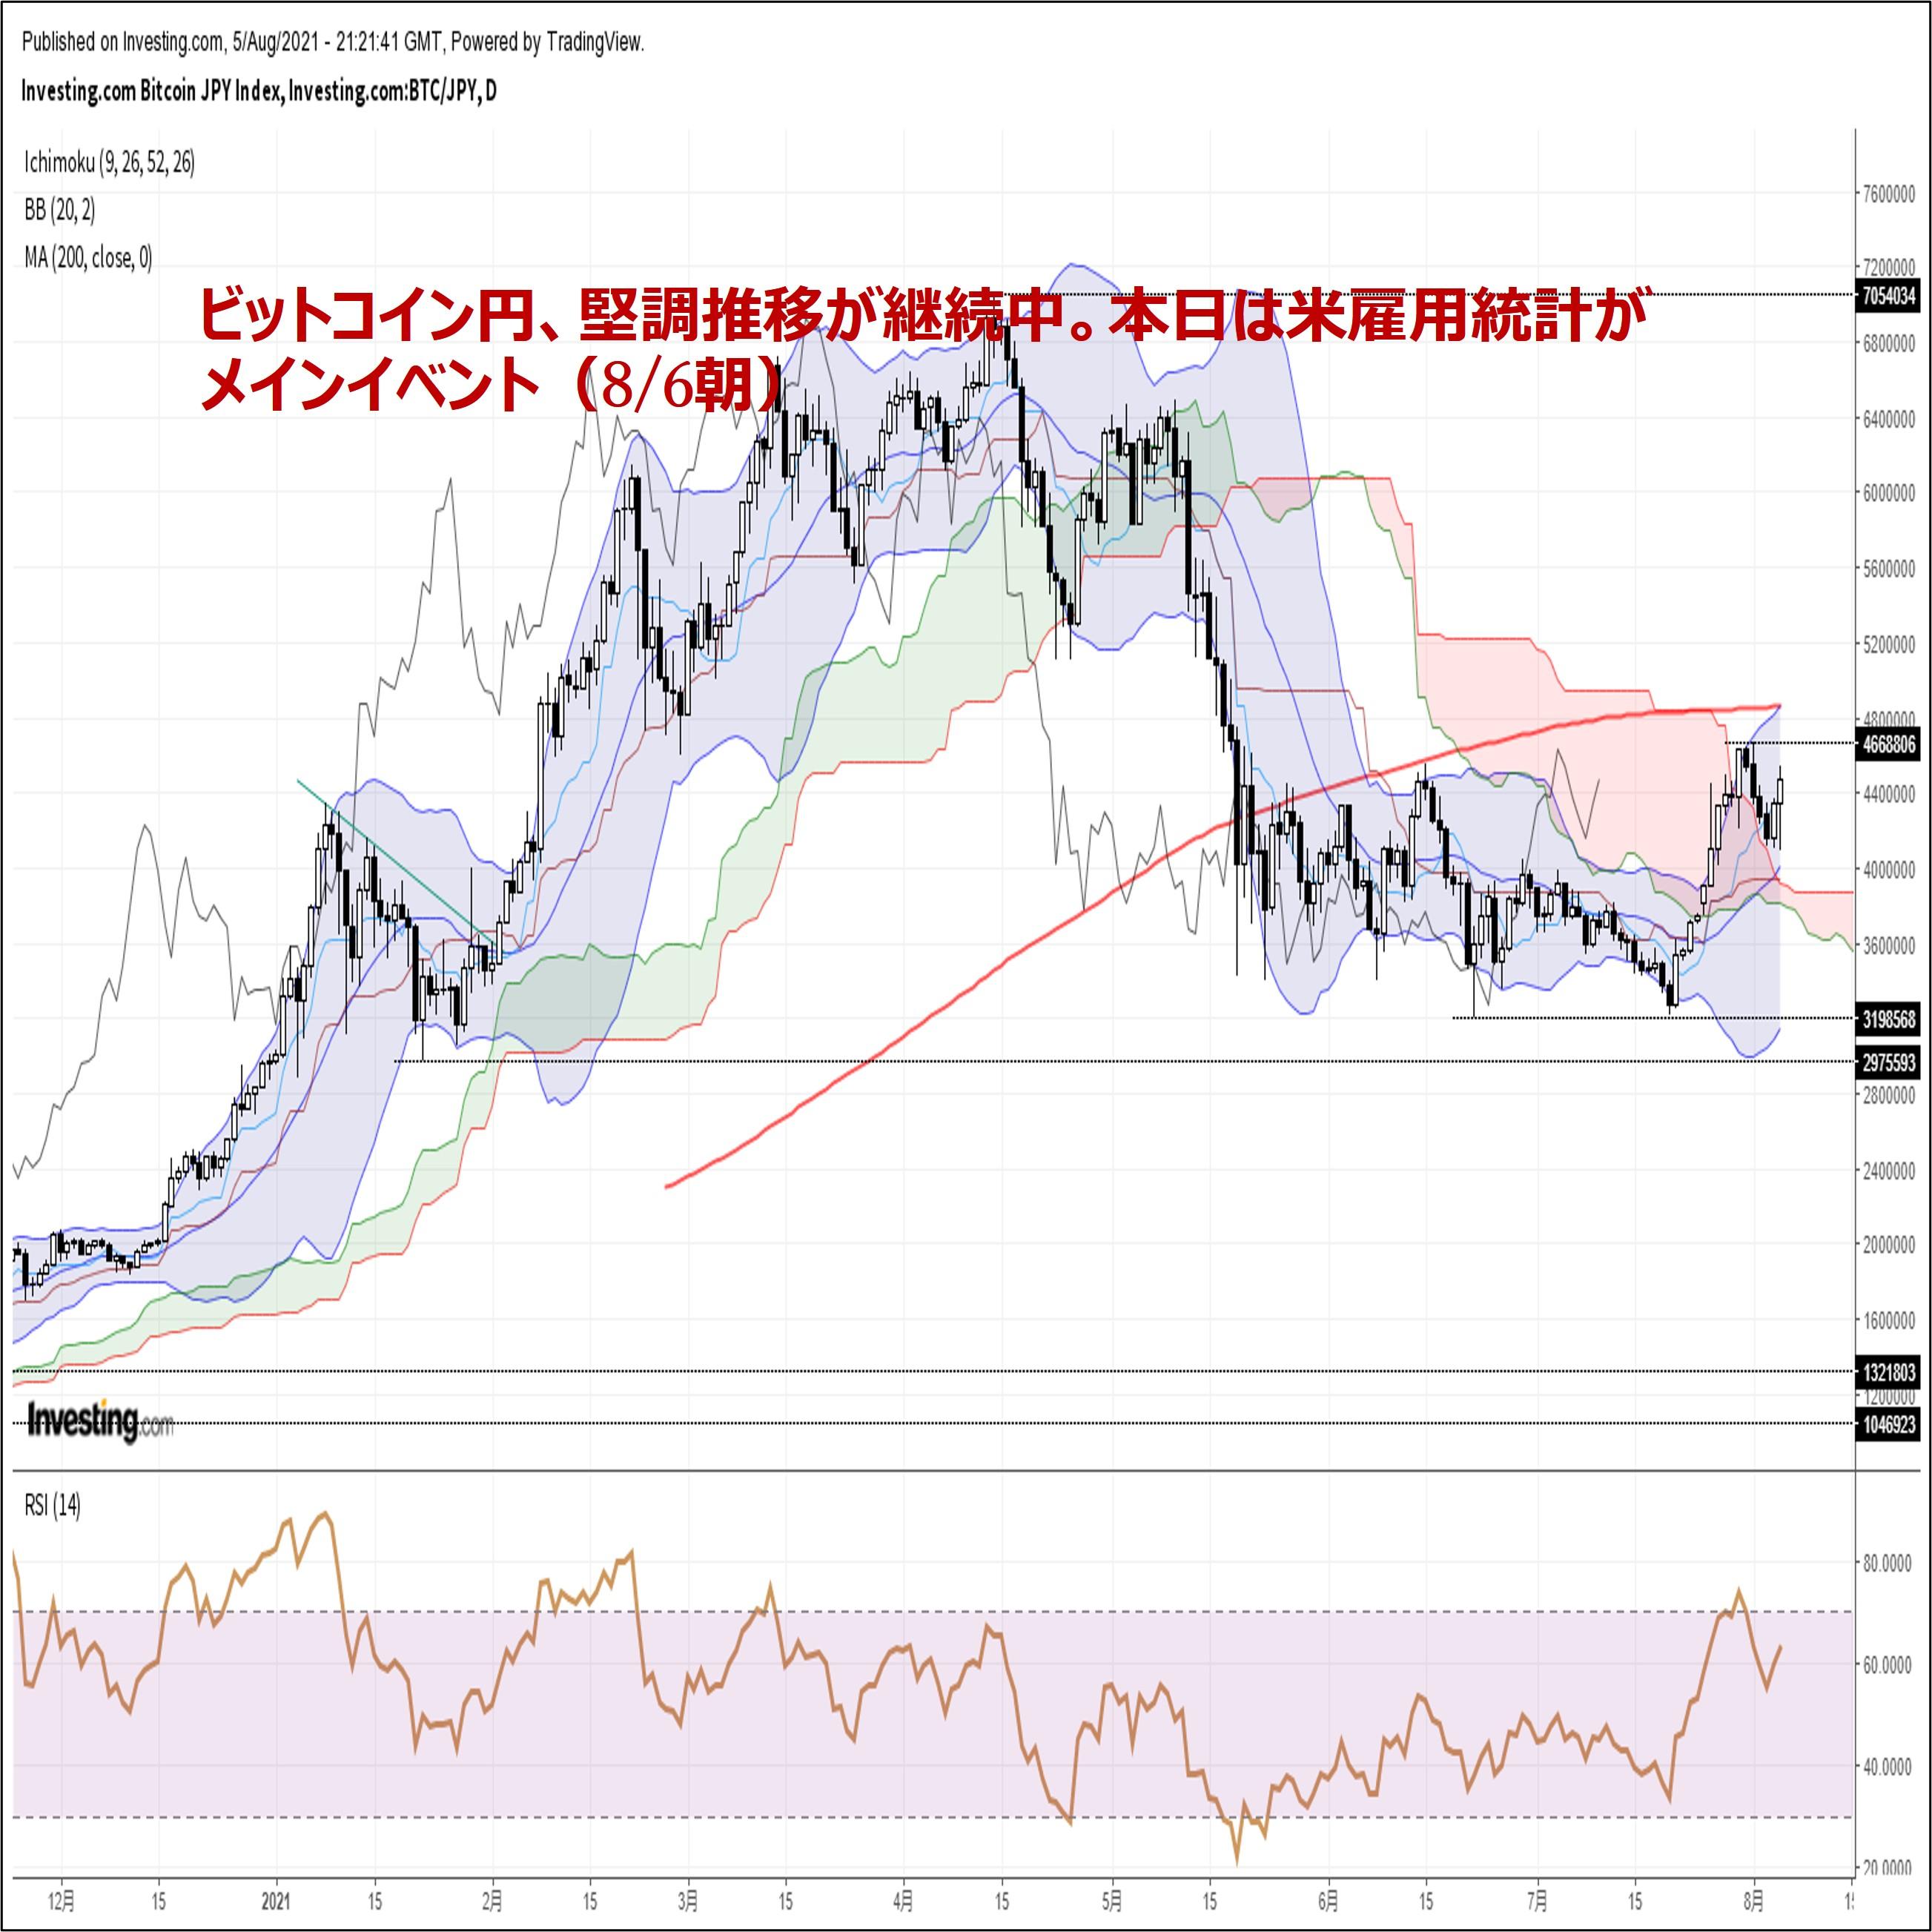 ビットコイン円、堅調推移が継続中。本日は米雇用統計がメインイベント(8/6朝)